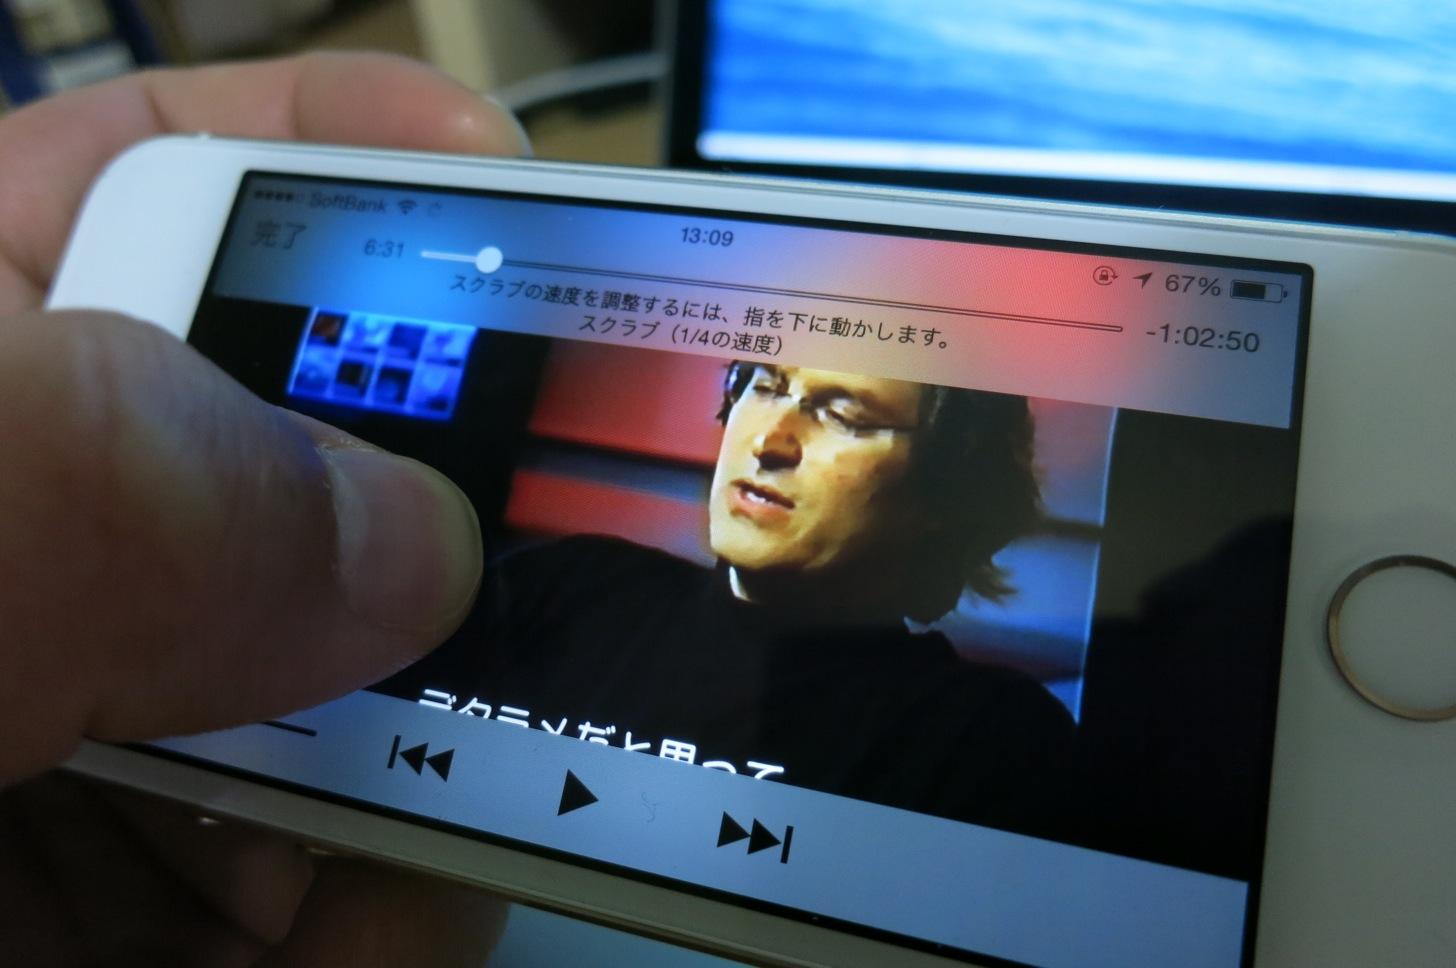 iPhone/iPadで音楽/動画アプリのシークバー(スクラブ)の調整を細かくしているの図